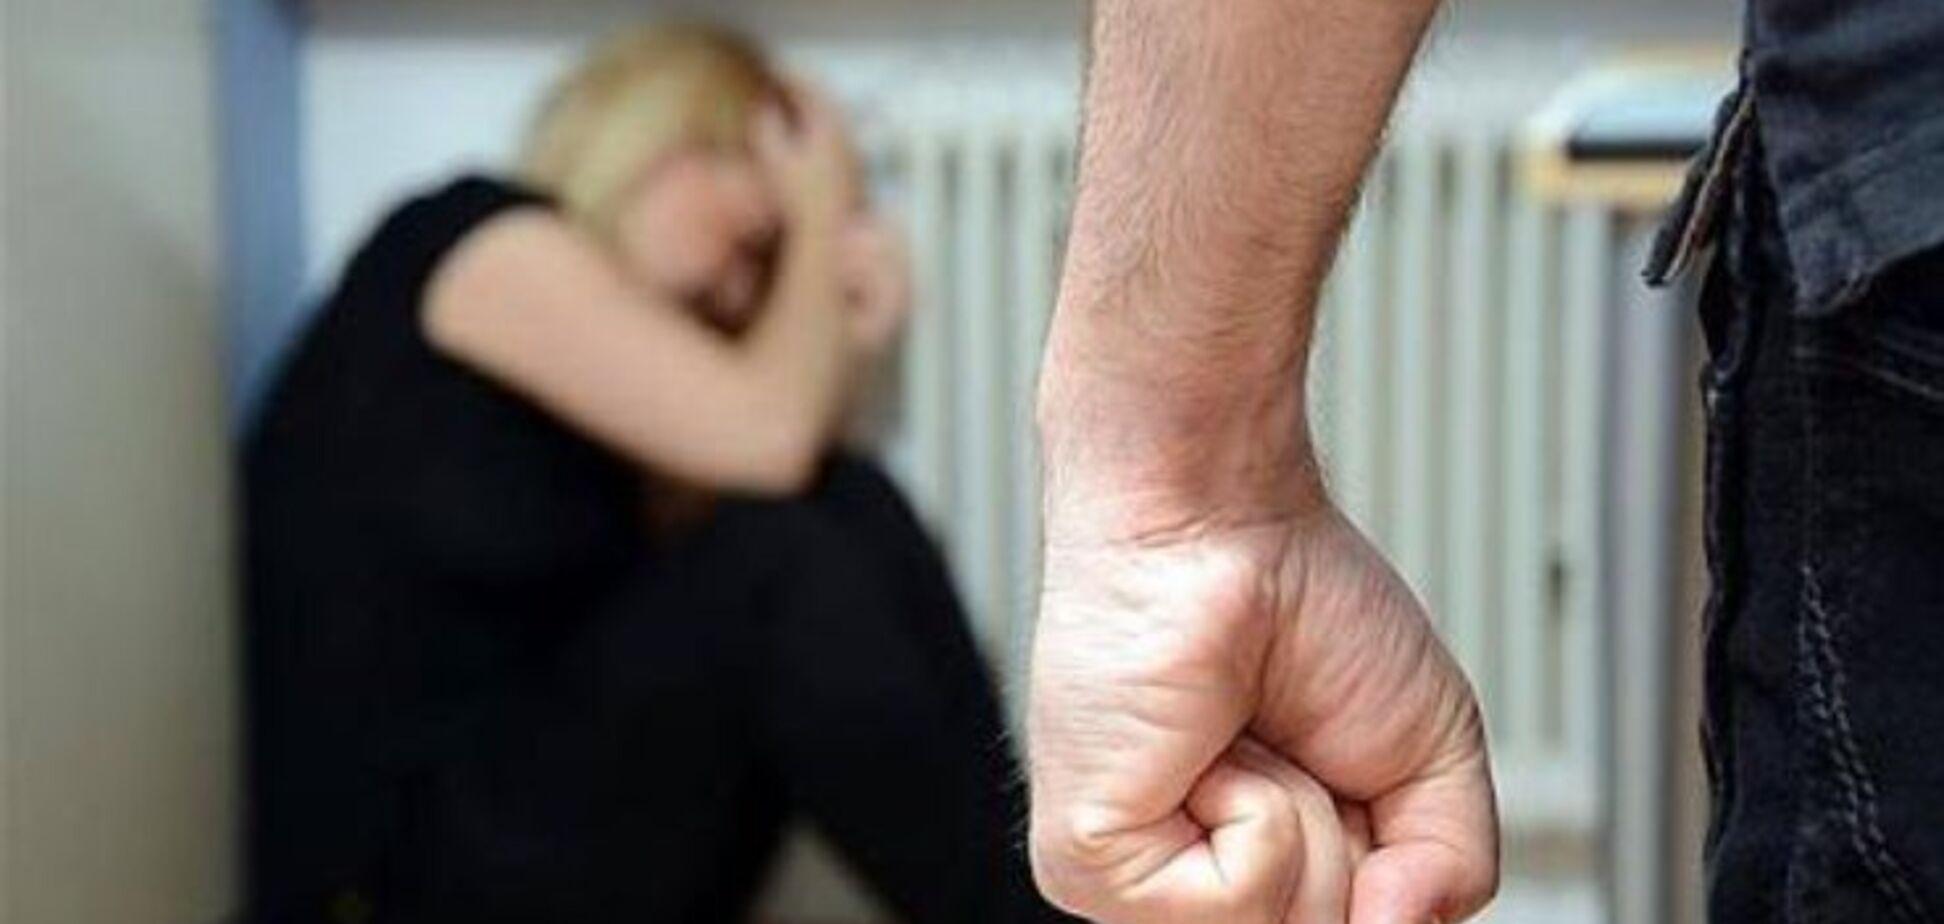 Під Дніпром чоловік по-звірячому розправився з матір'ю: подробиці